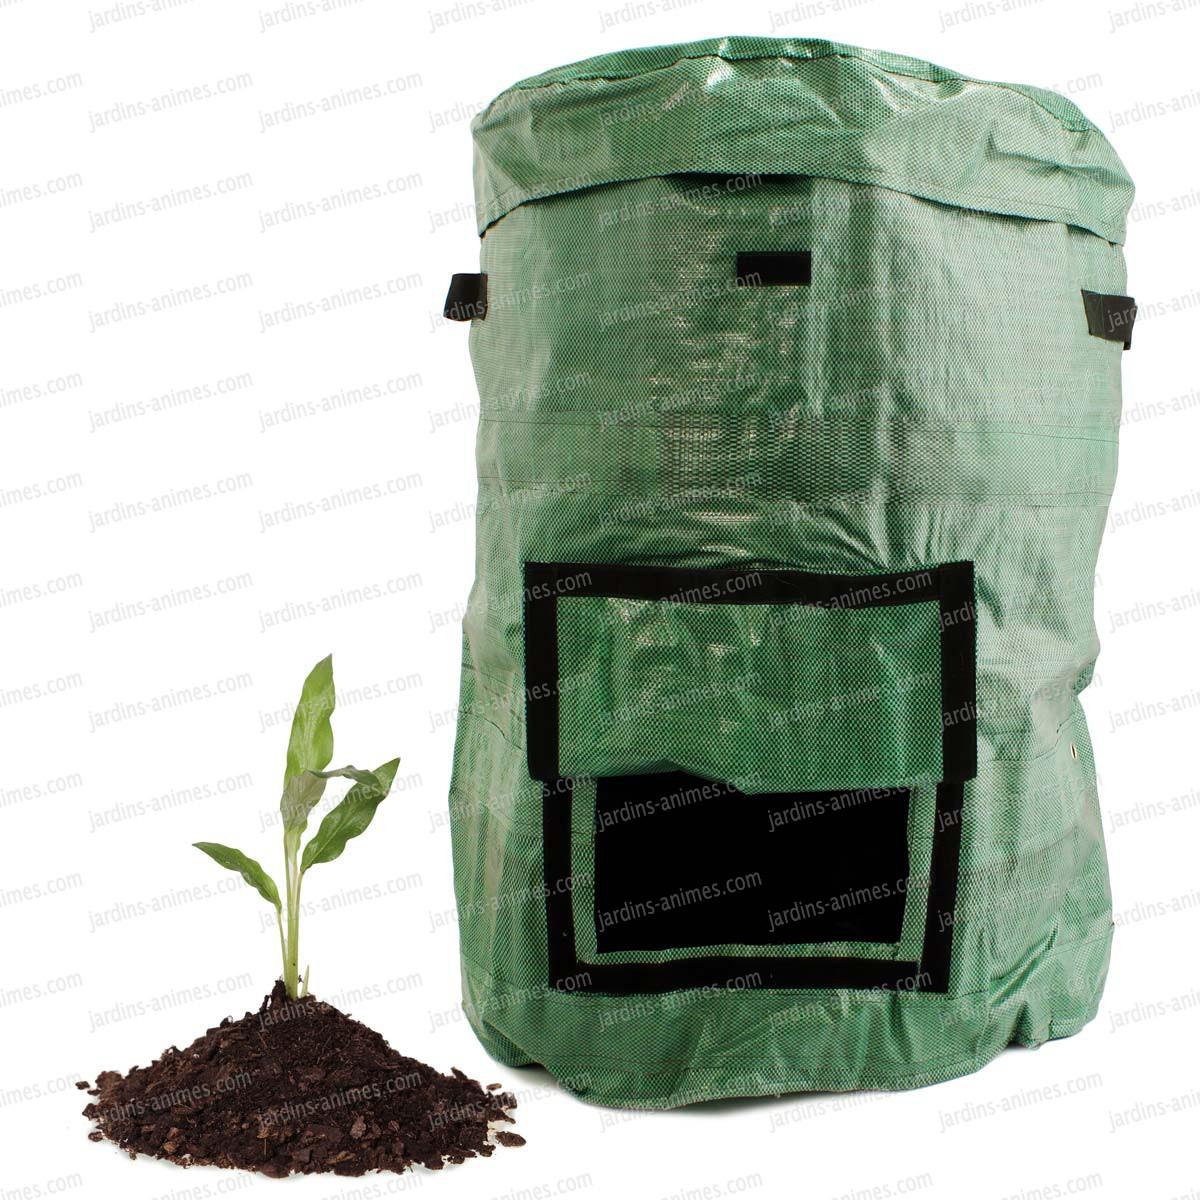 Composteur Bois Pas Cher : Bien choisir un composteur pas cher, conseils et comparateur de prix